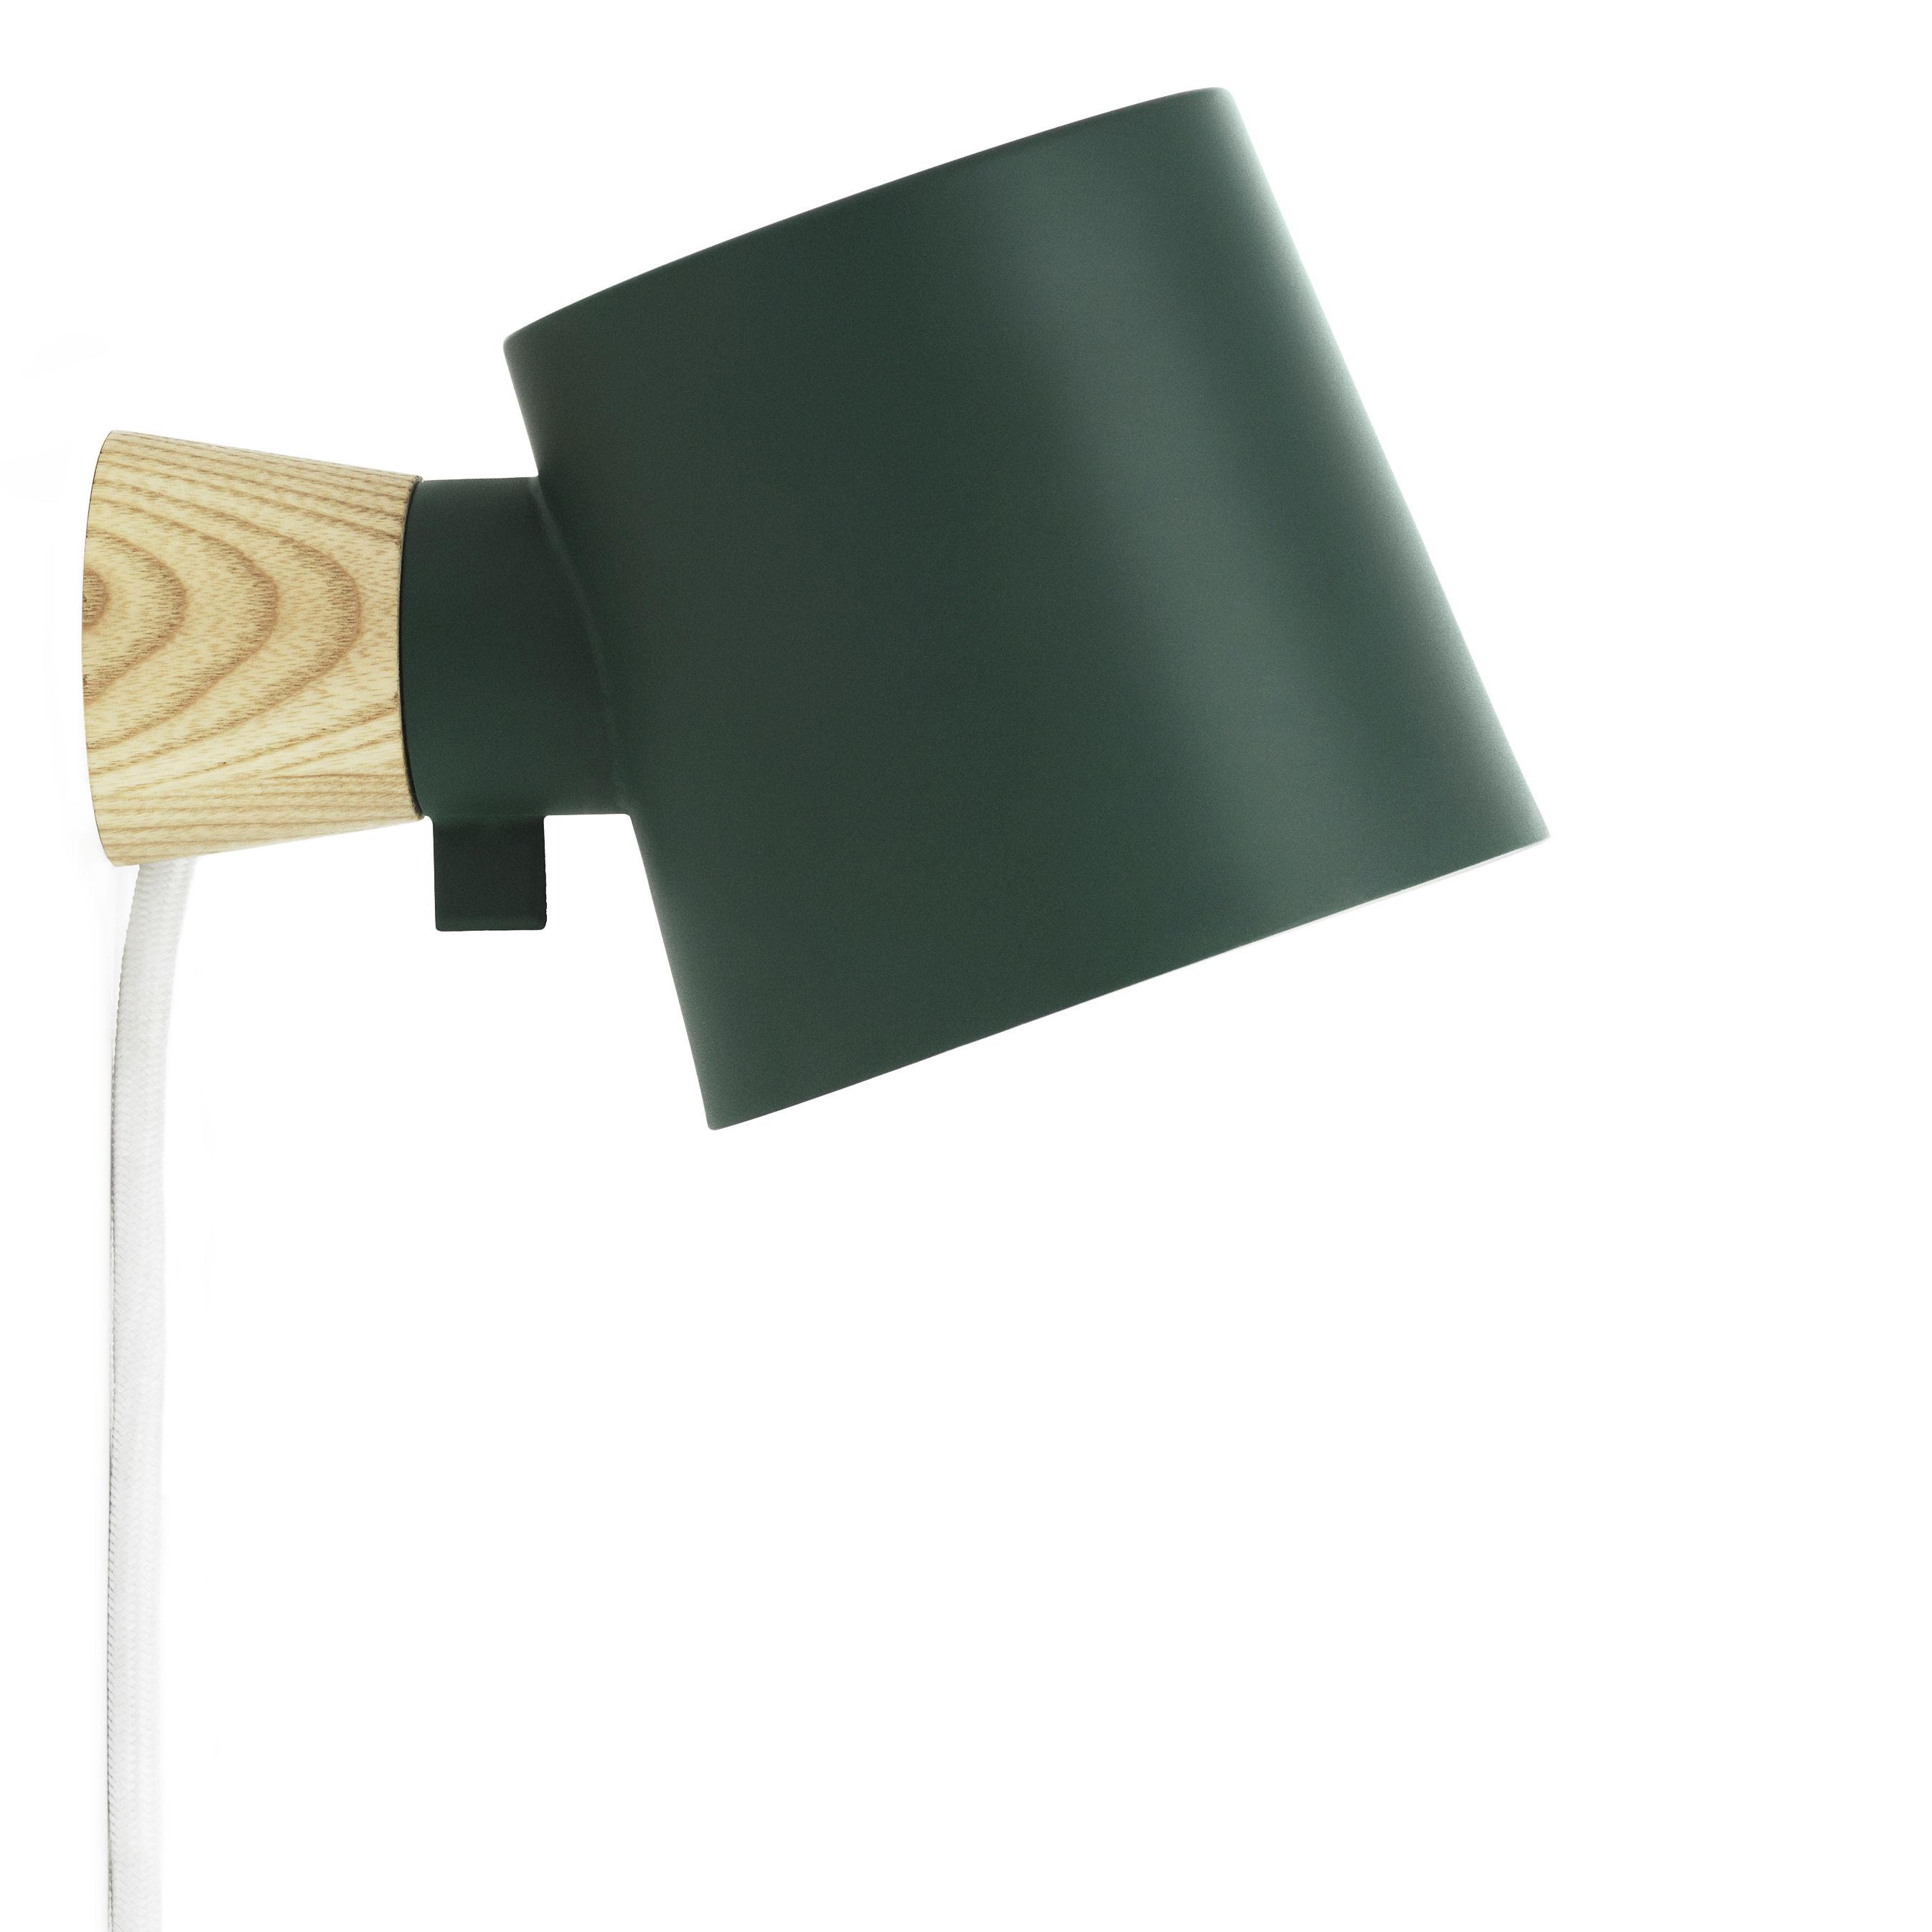 Illuminazione - Lampade da parete - Applique con presa Rise - / Orientabile - Legno & metallo di Normann Copenhagen - Verde petrolio / Legno - Frassino massello, metallo laccato